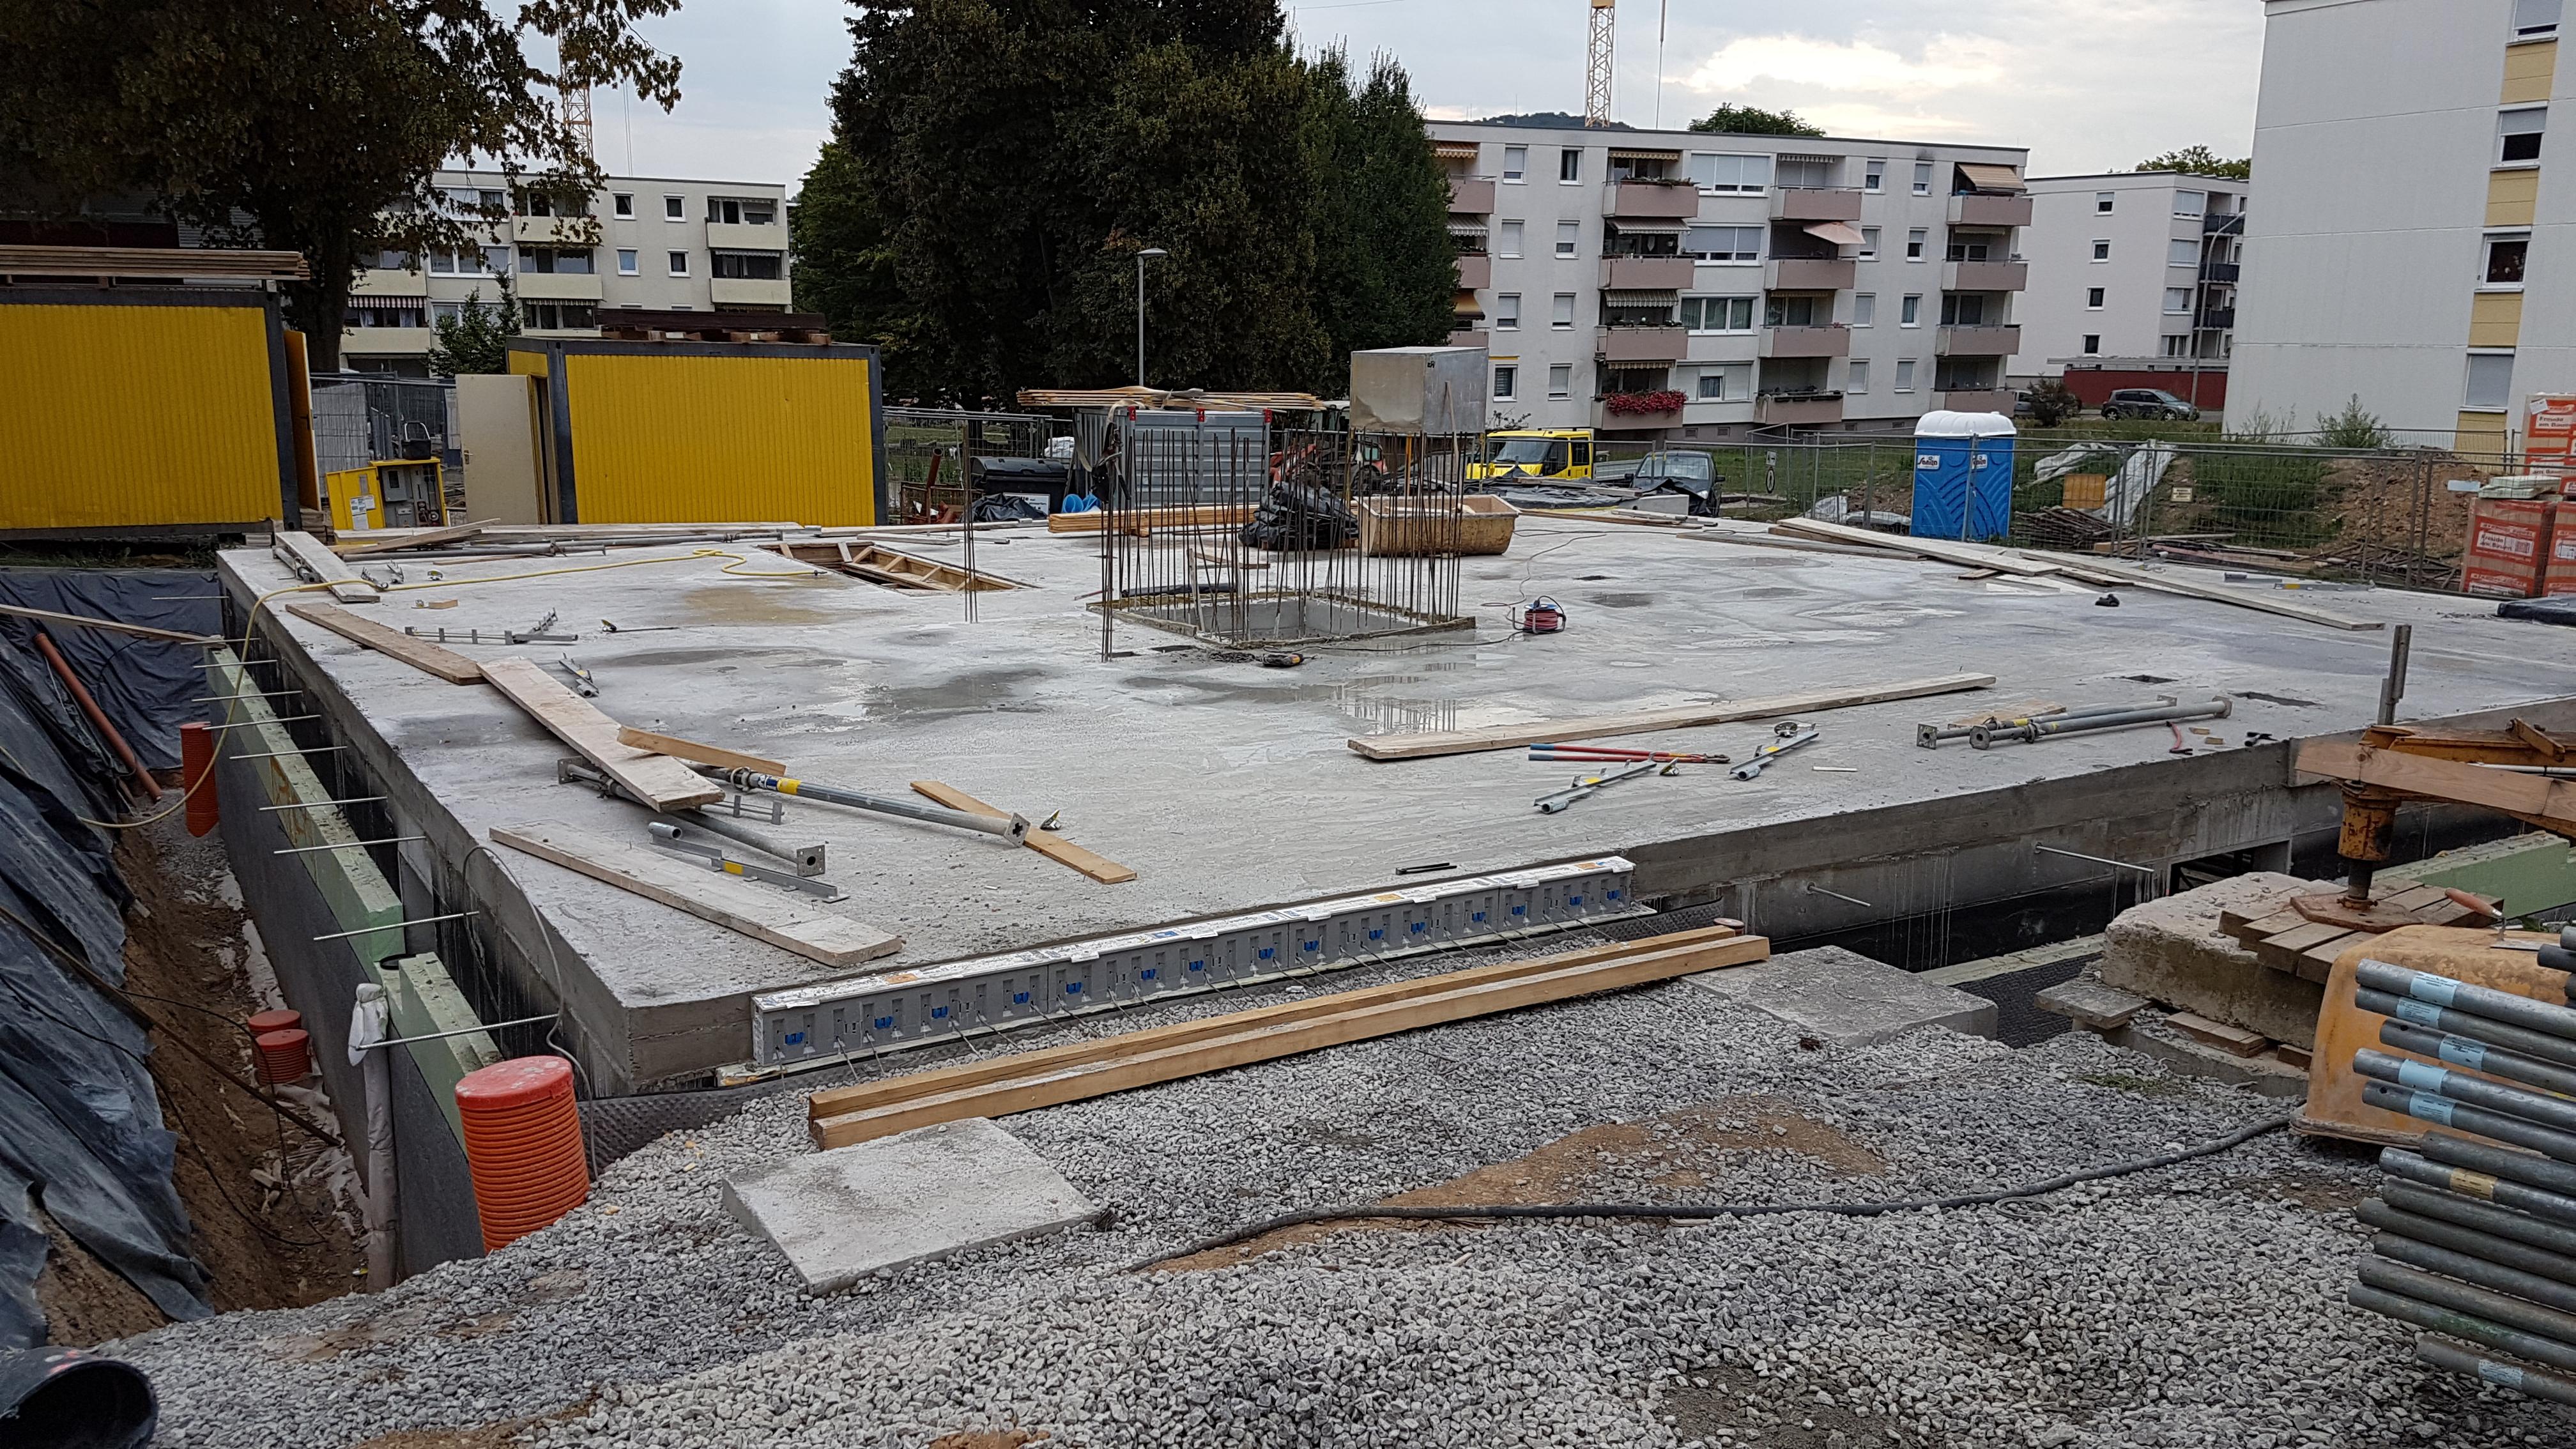 20180823 091834 - Neubau: Erstes KfW 40 Haus in Winnenden